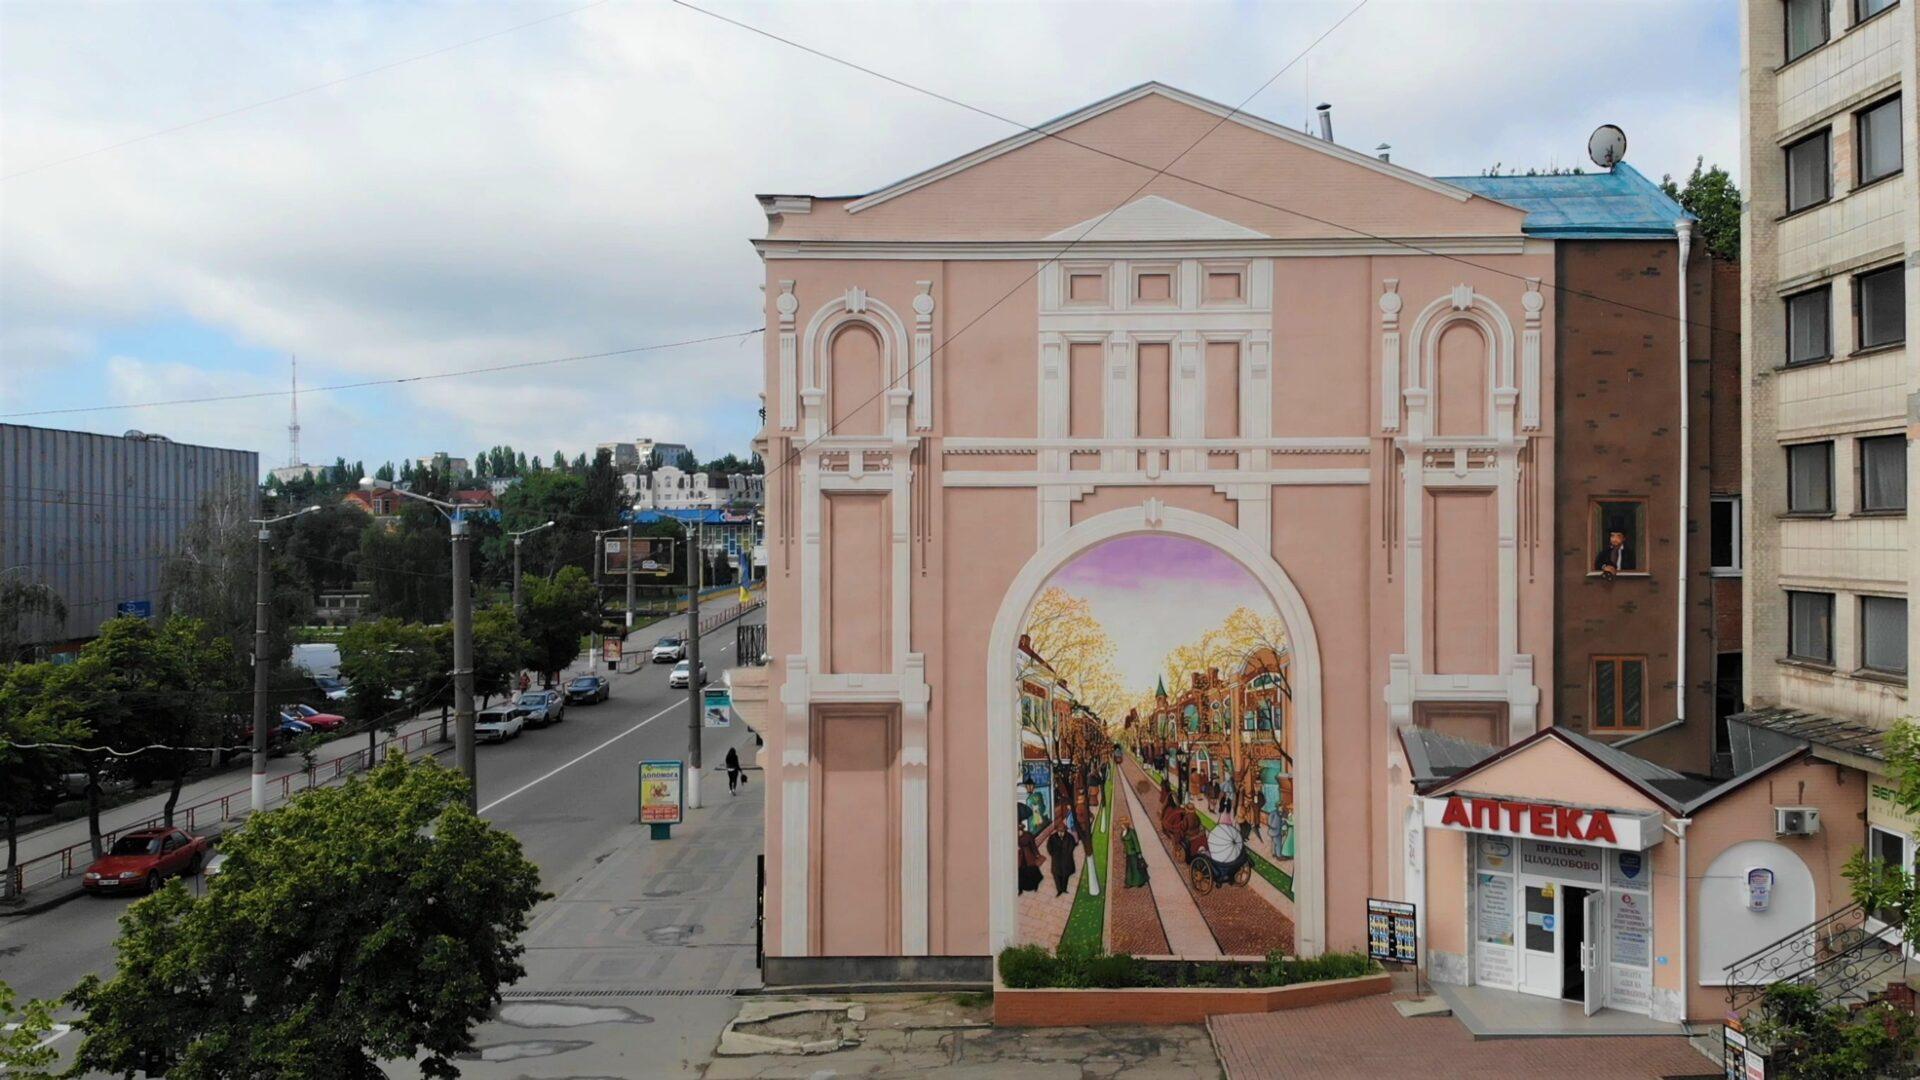 Мурал на заказ на фасаде музея UT-ART STUDIO 2